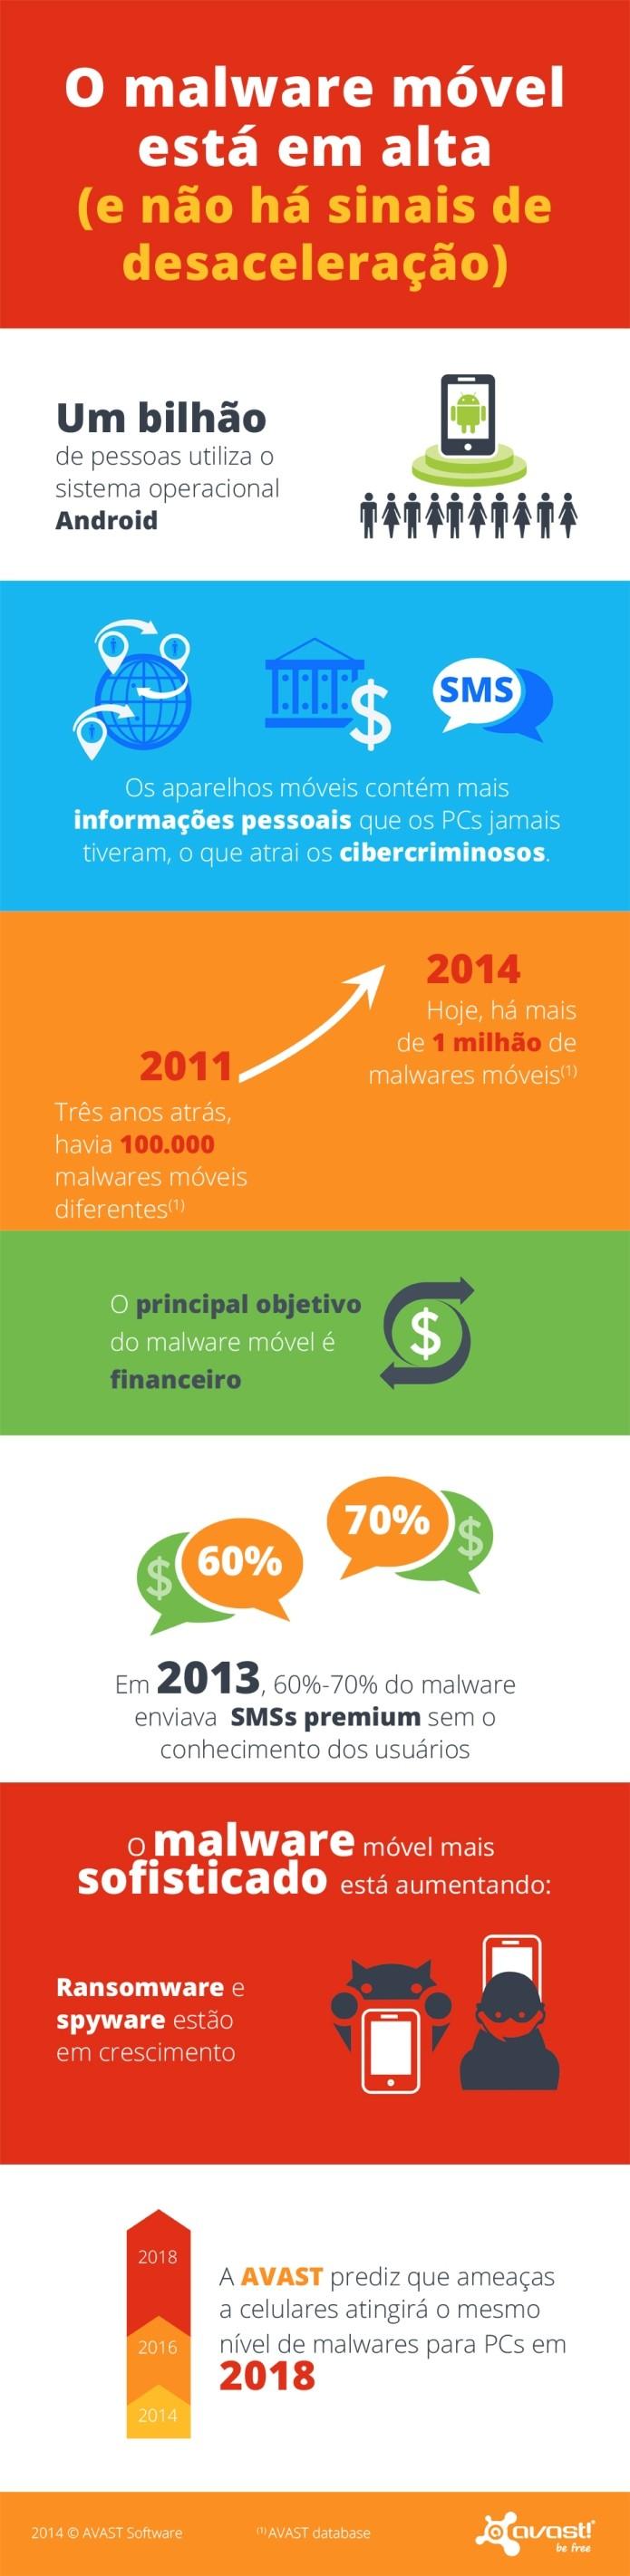 O malware móvel atinge a marca de 1 milhão de amostras (Foto: Reprodução/Avast)